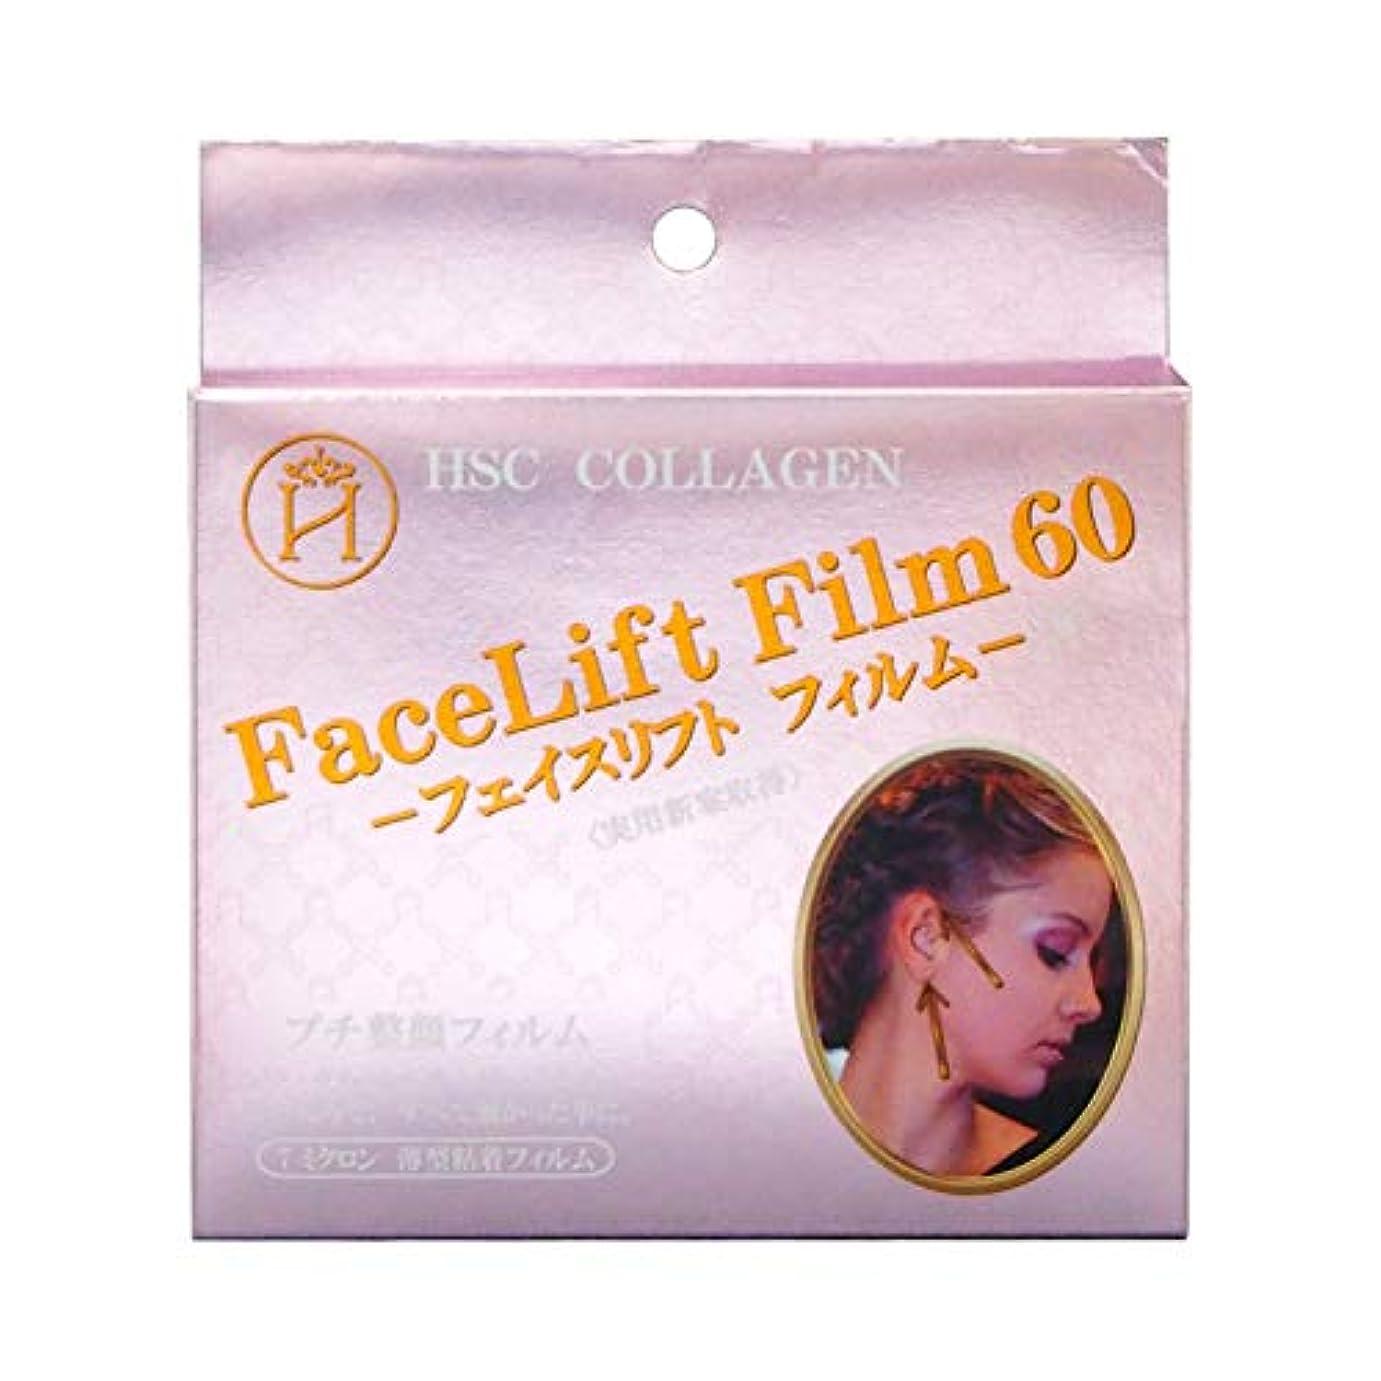 実行可能処方テレマコスフェイスリフトフィルム60 たるみ テープ 引き上げ 透明 目立たない フェイスライン